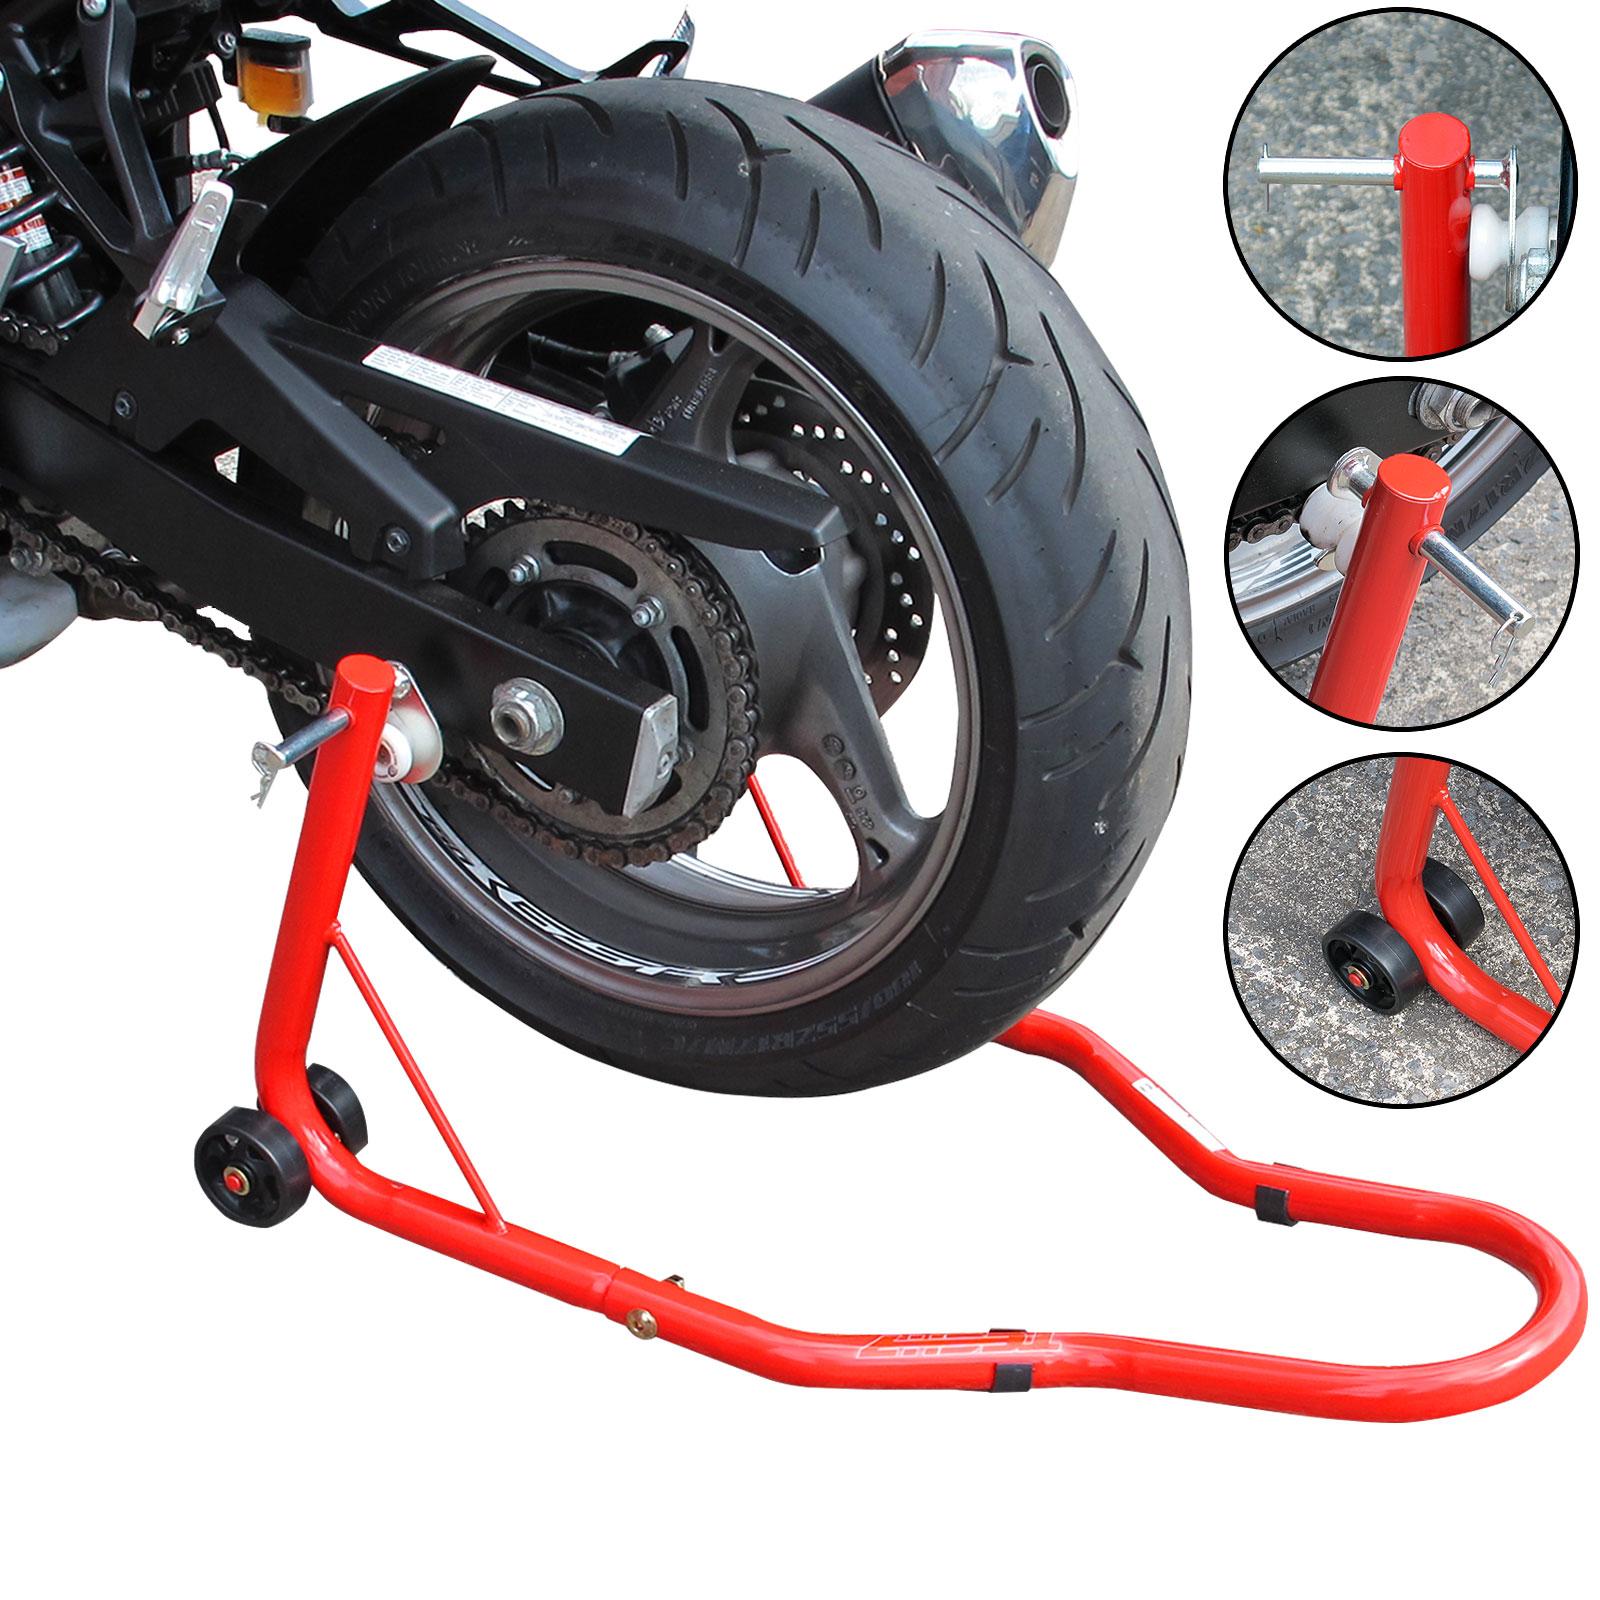 United Paddock Stand Display Daftar Harga Terkini Dan Termurah New Bike Repair Side Storage Rack Standar Sepeda Model Kait Pancing Samping Rear Motorcycle Motorbike Track Garage Hook Lift For Bobbins